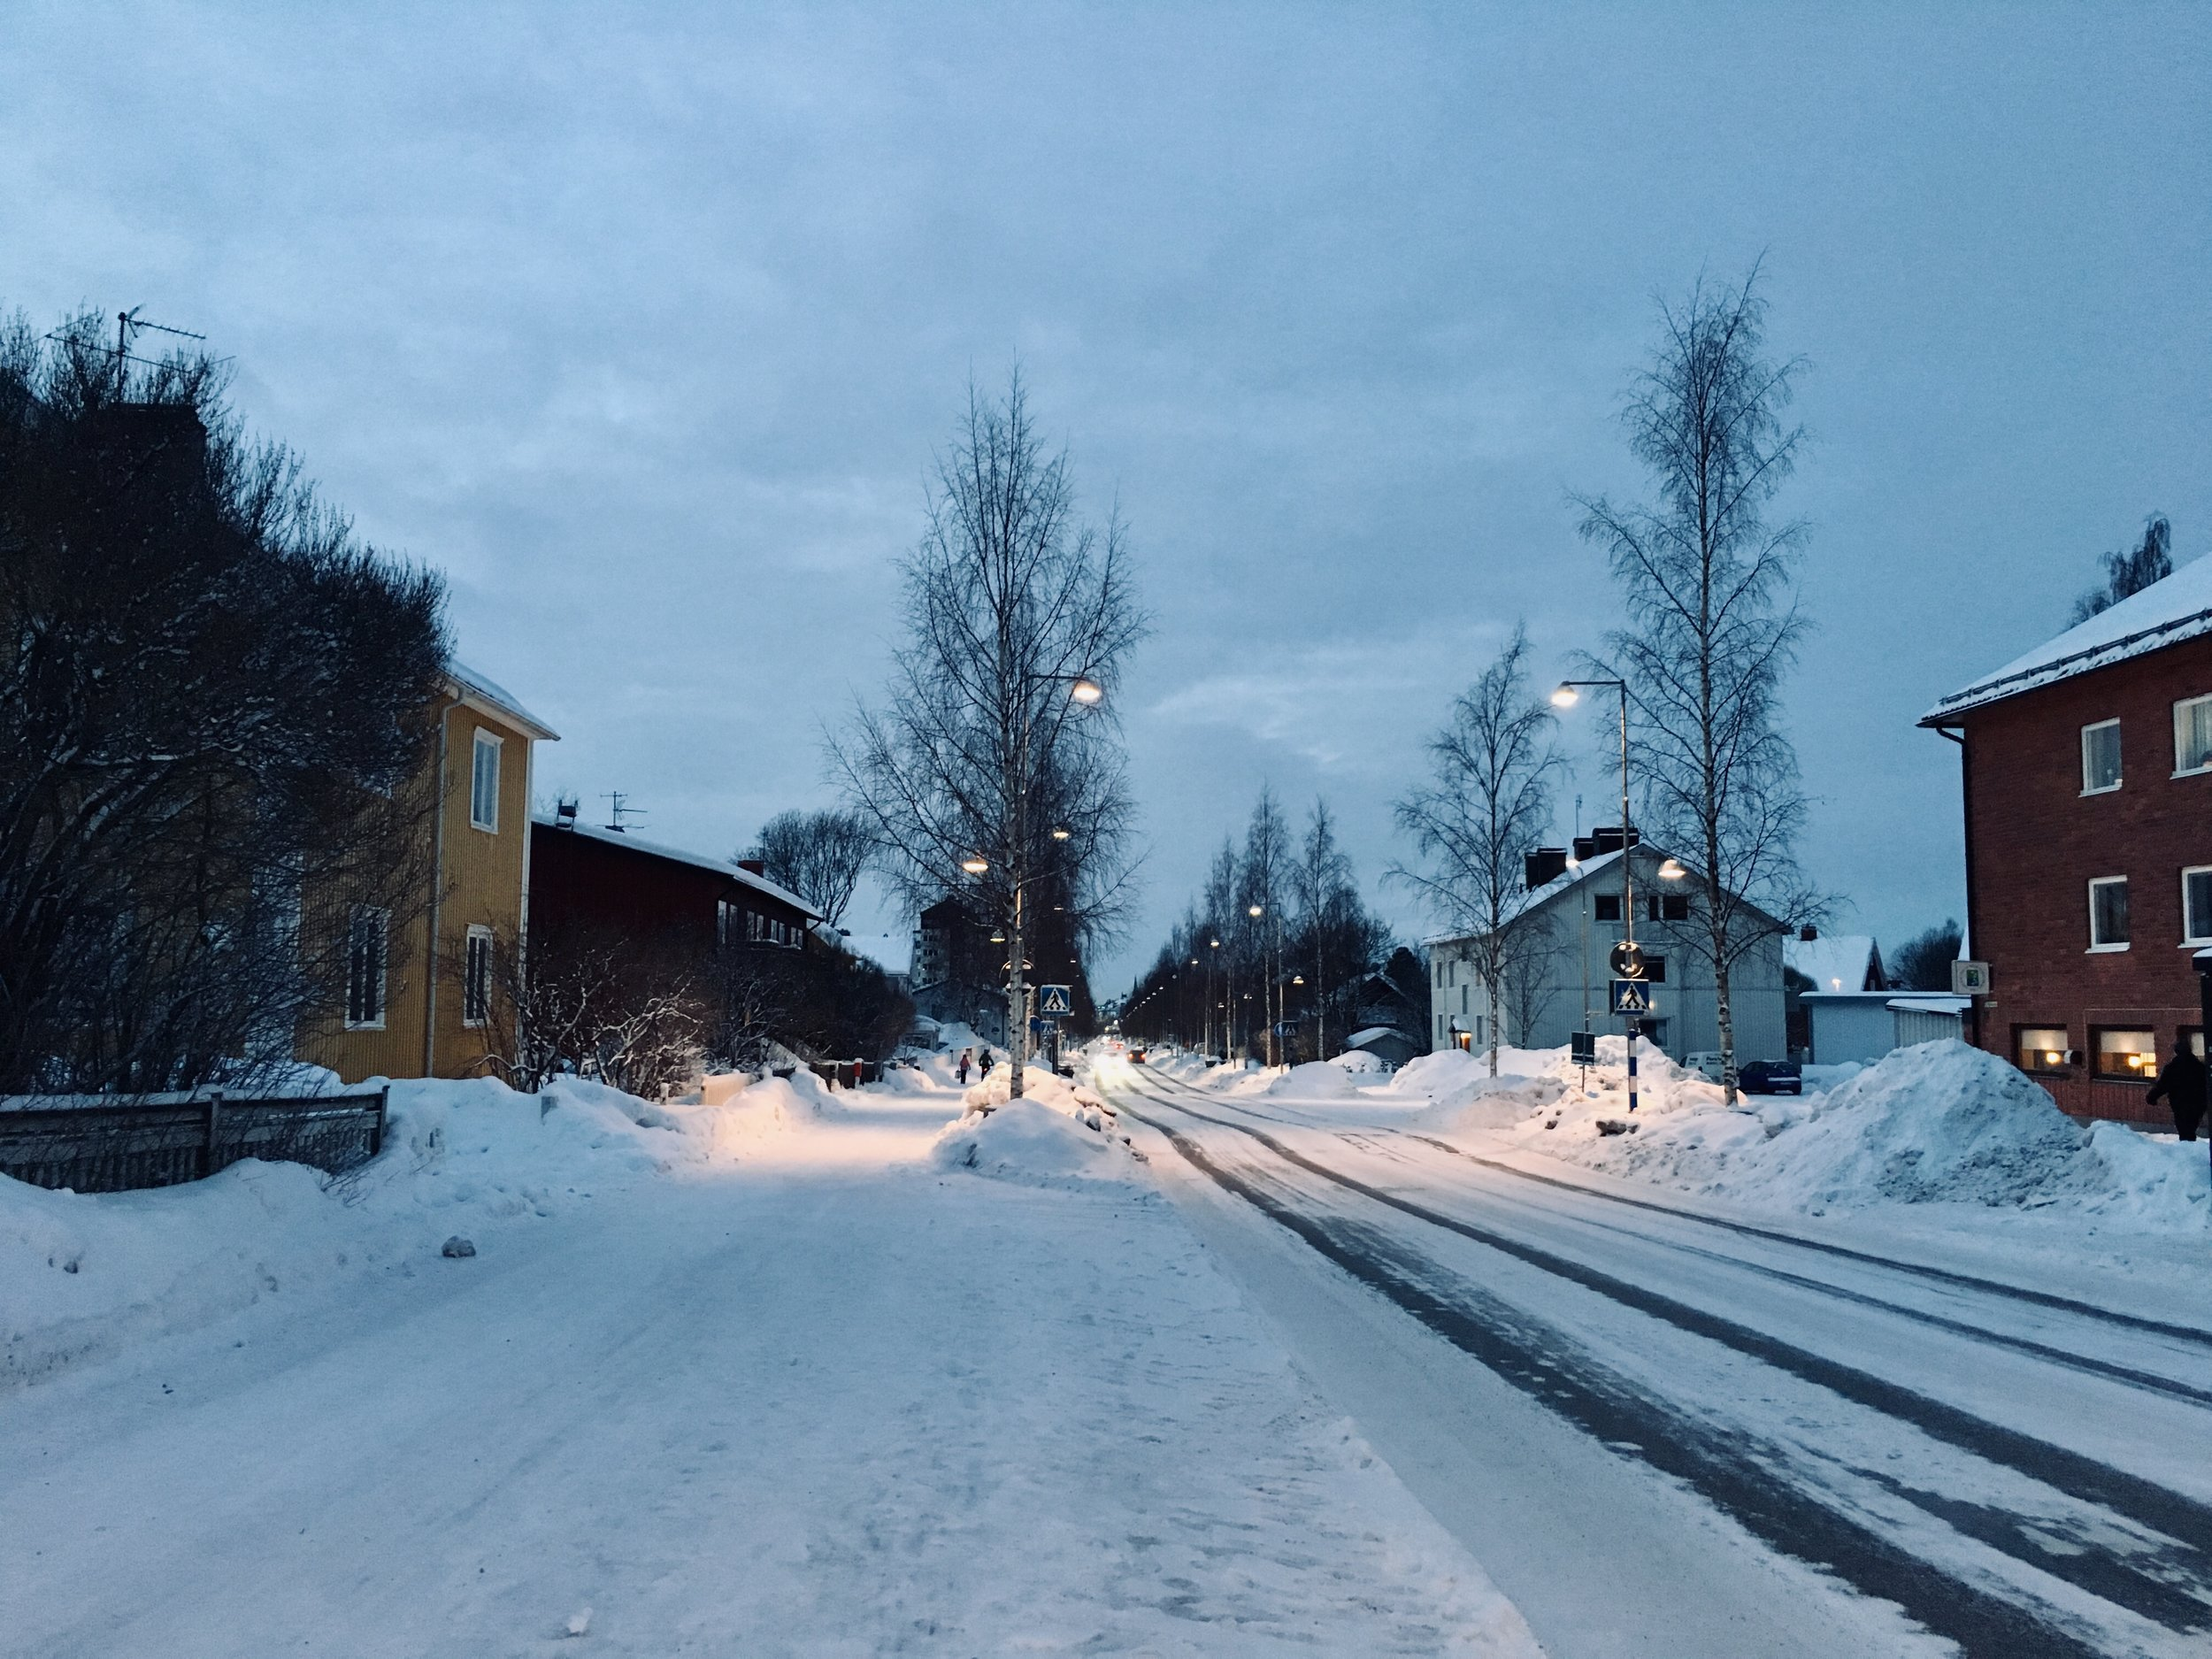 norrland+umeå+vinter